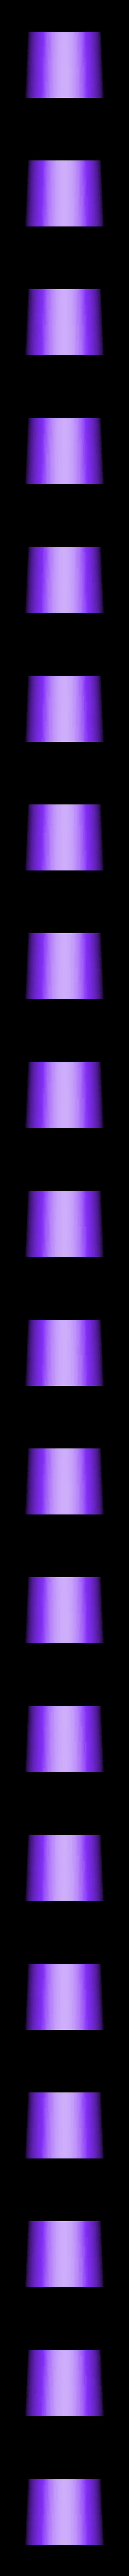 5_cannon_body_to_end.stl Télécharger fichier STL gratuit Canon son et lumière • Modèle pour imprimante 3D, ewr2san